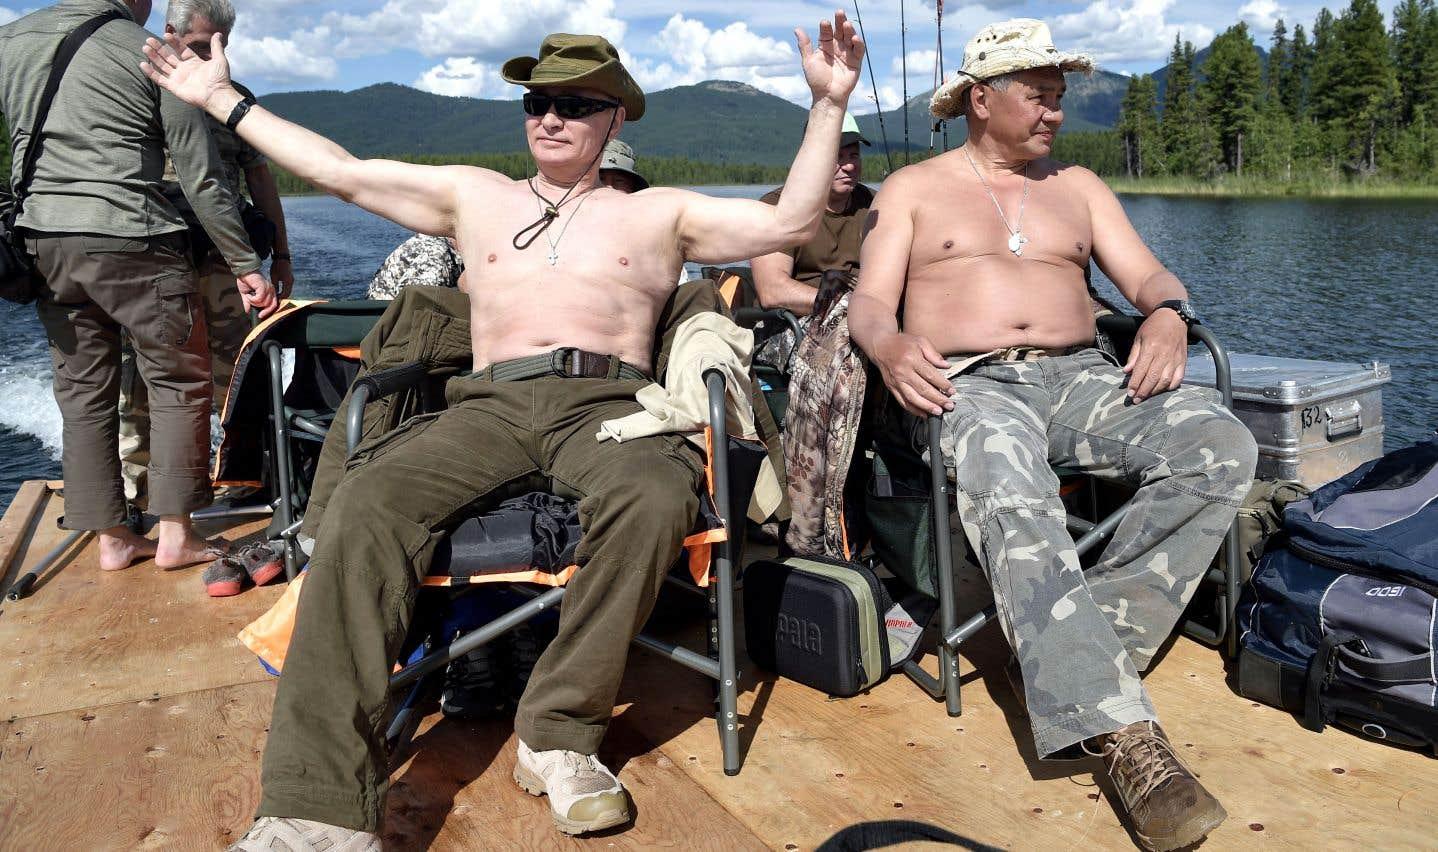 Vladimir Poutine et ses amis, ici à la pêche en Sibérie, intéressent le journaliste MikhailZygar qui a fait enquête sur «Les hommes du Kremlin».